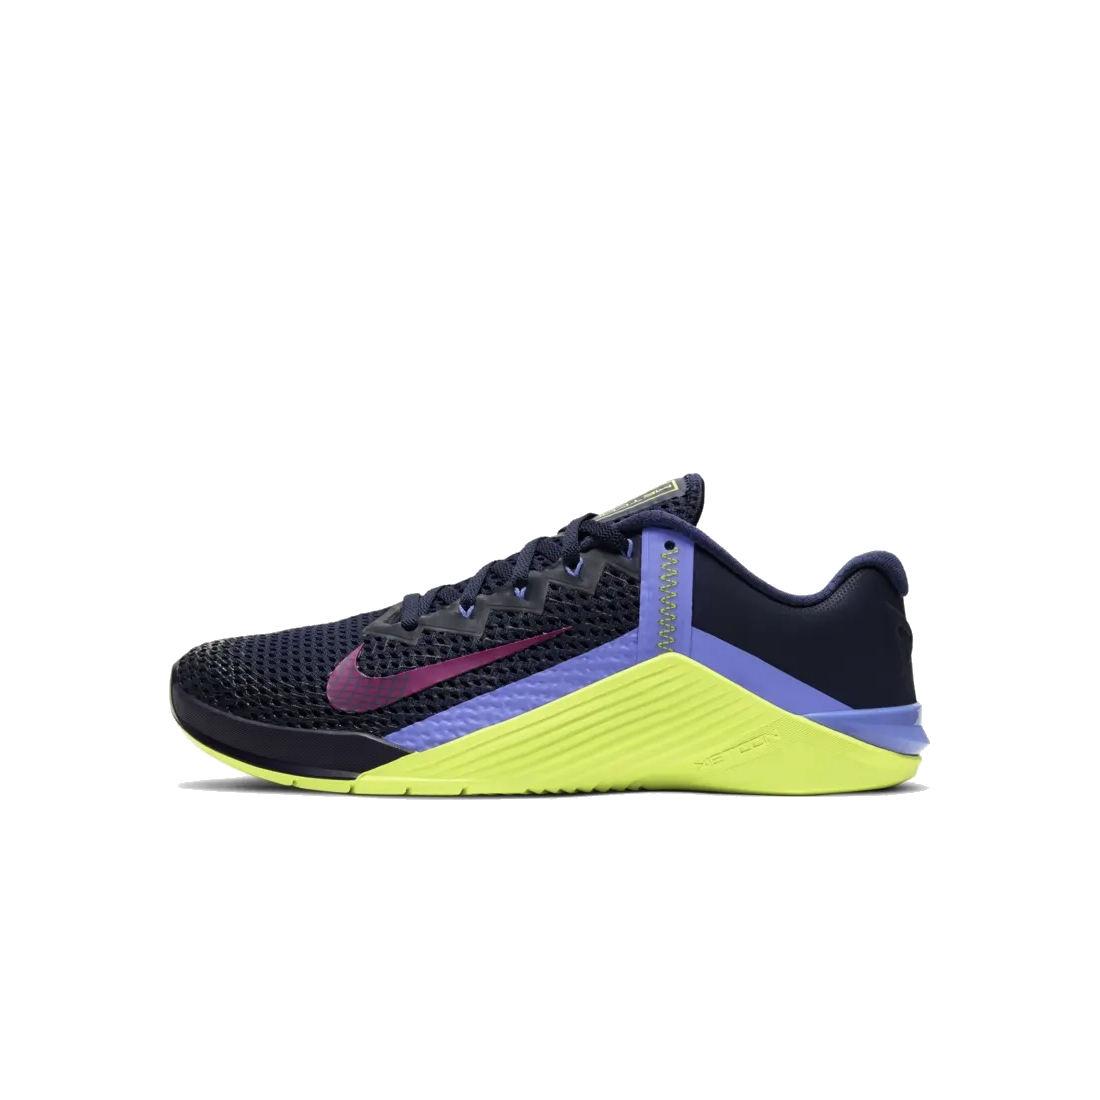 Produktbild von Nike Metcon 6 Damen Trainingsschuhe - blackened blue/red plum-cyber-sapphire AT3160-400